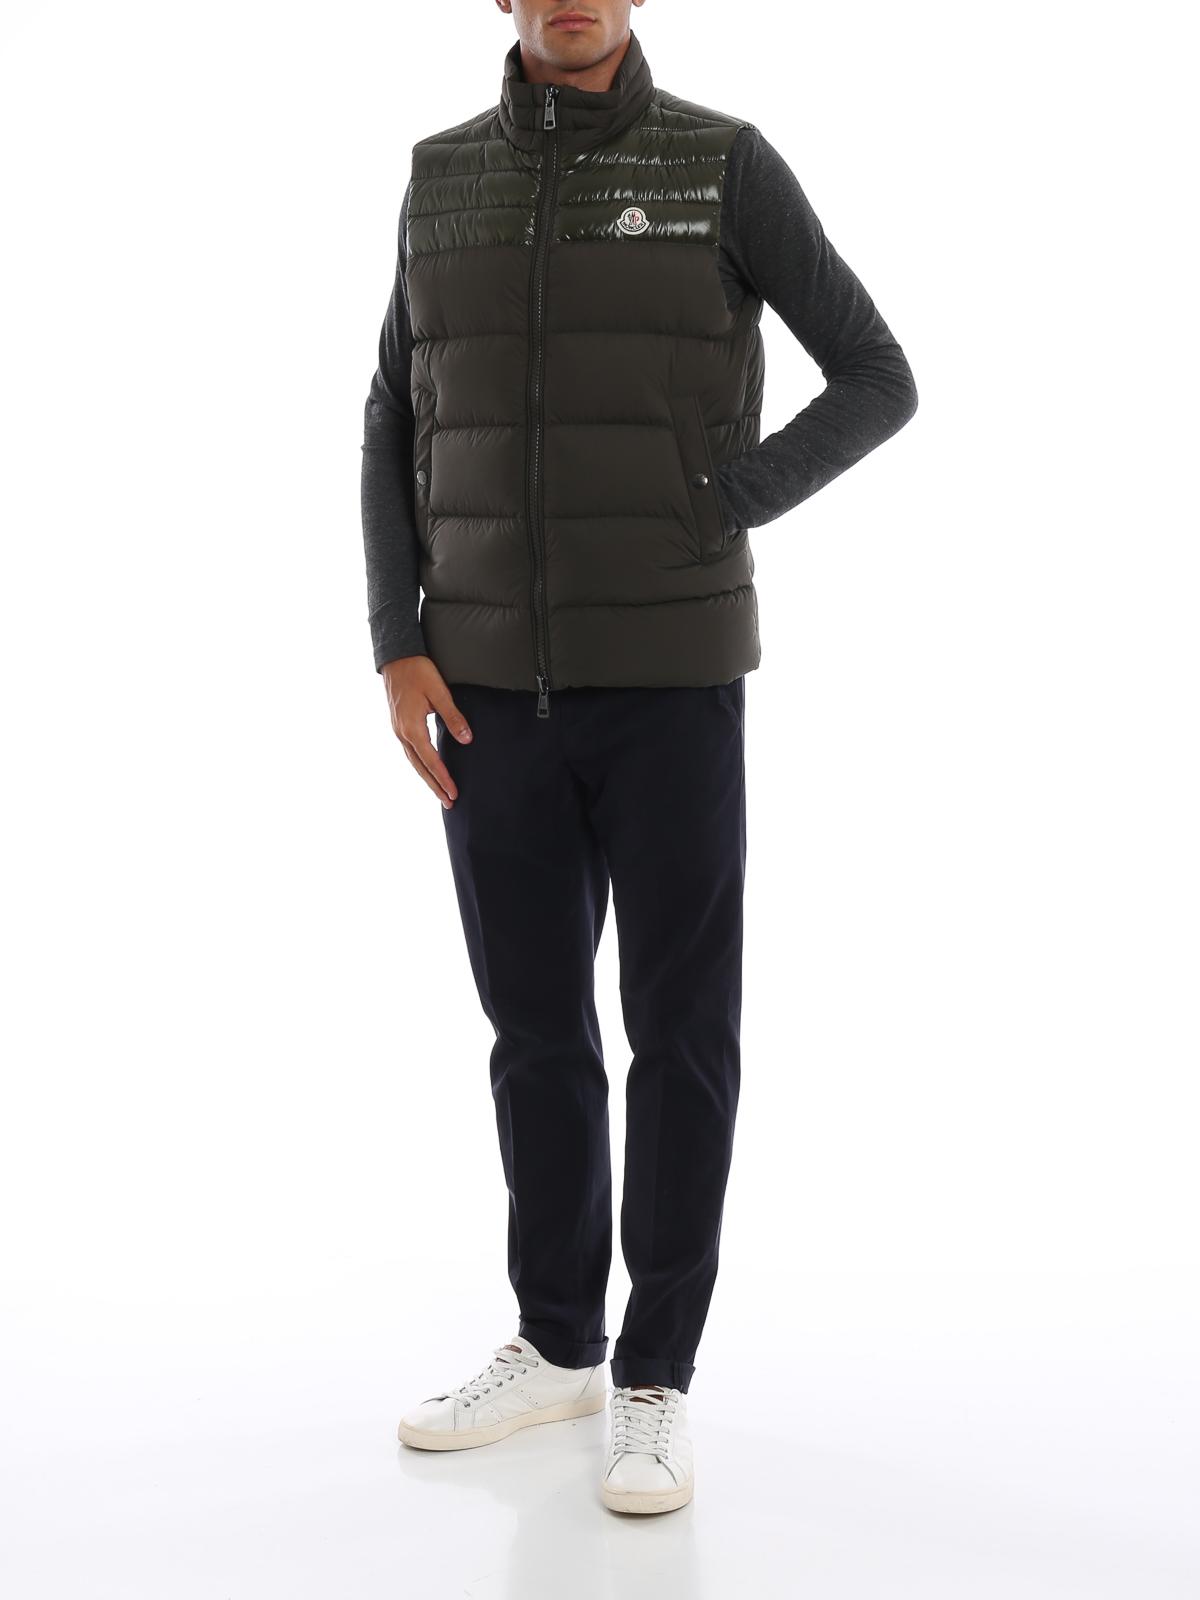 61c59eeedefd MONCLER  padded jackets online - Deneb moss green sleeveless puffer jacket